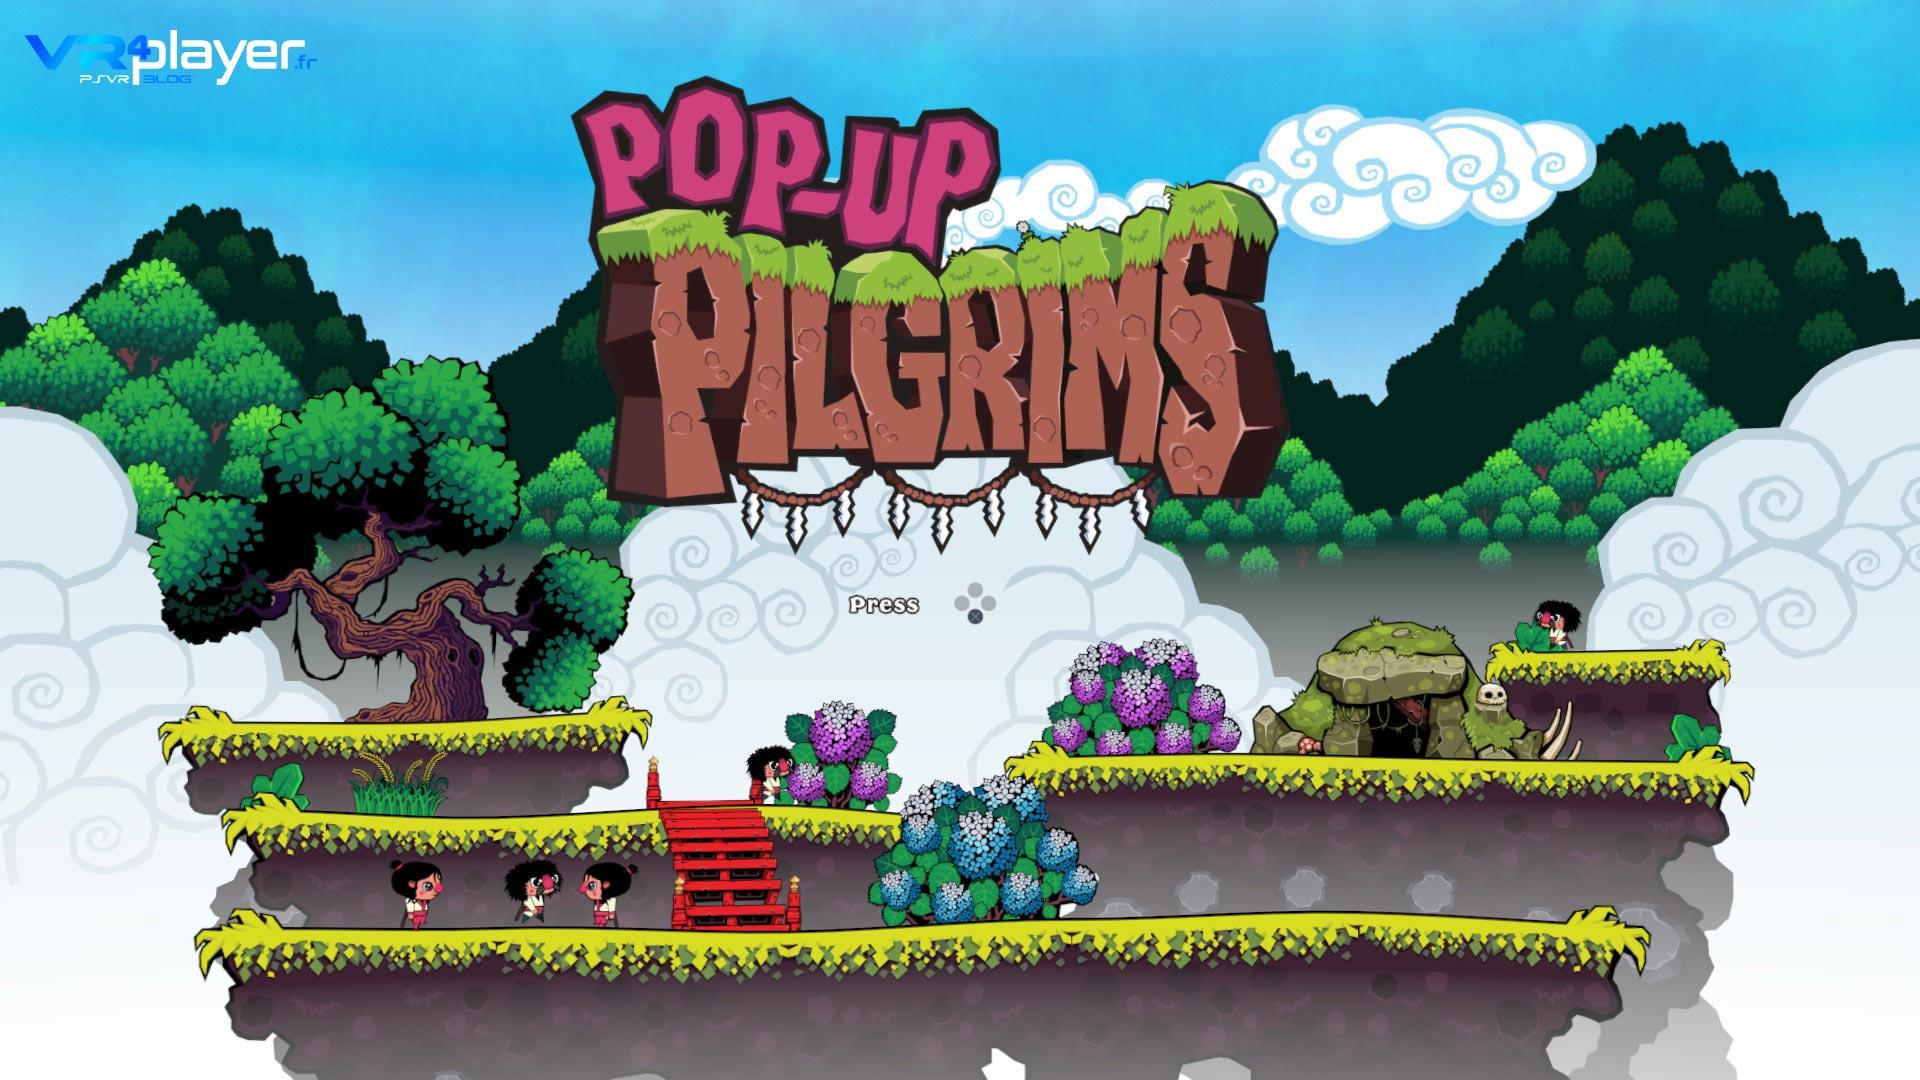 Pop-Up Pilgrims Exclusivité PSVR VR4player.fr